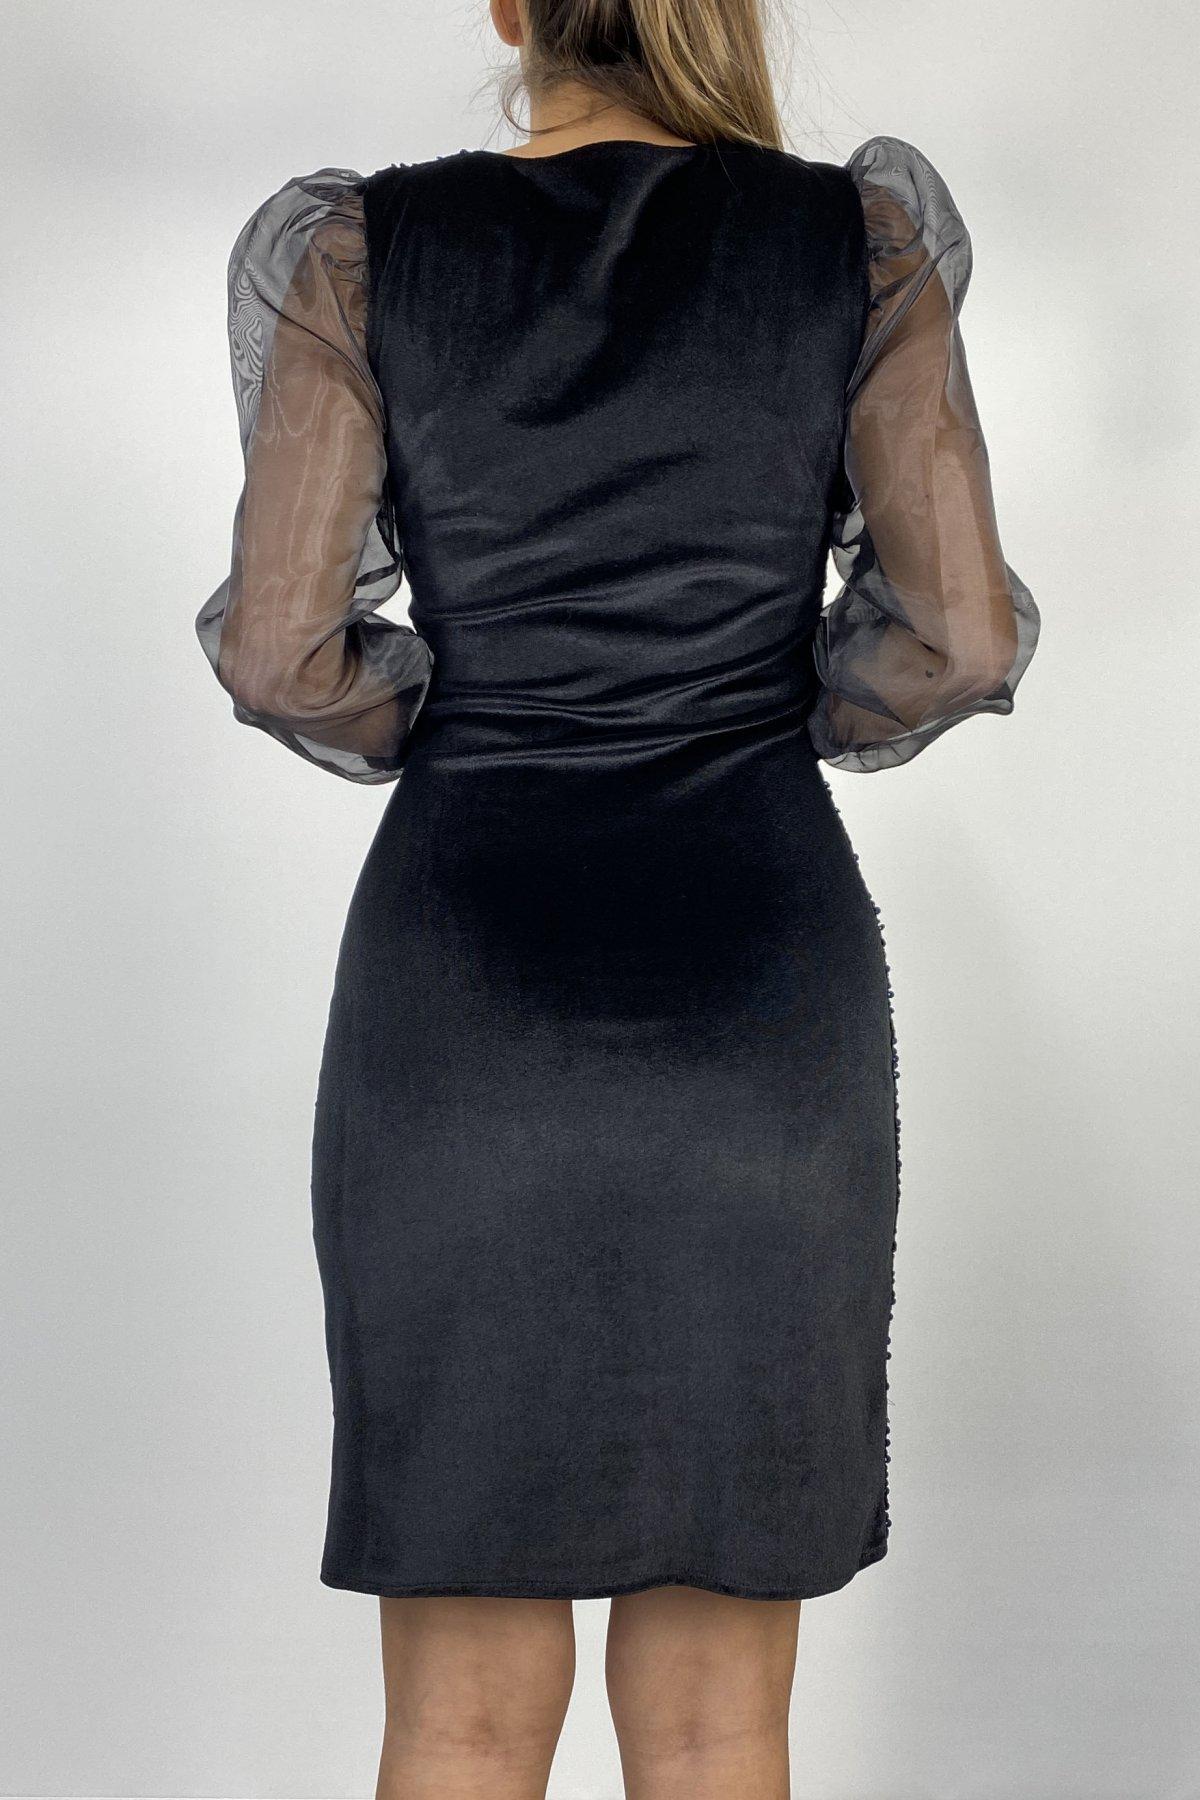 Kollar Balon Tül Kadife Üstüne Payet İşlemeli Elbise